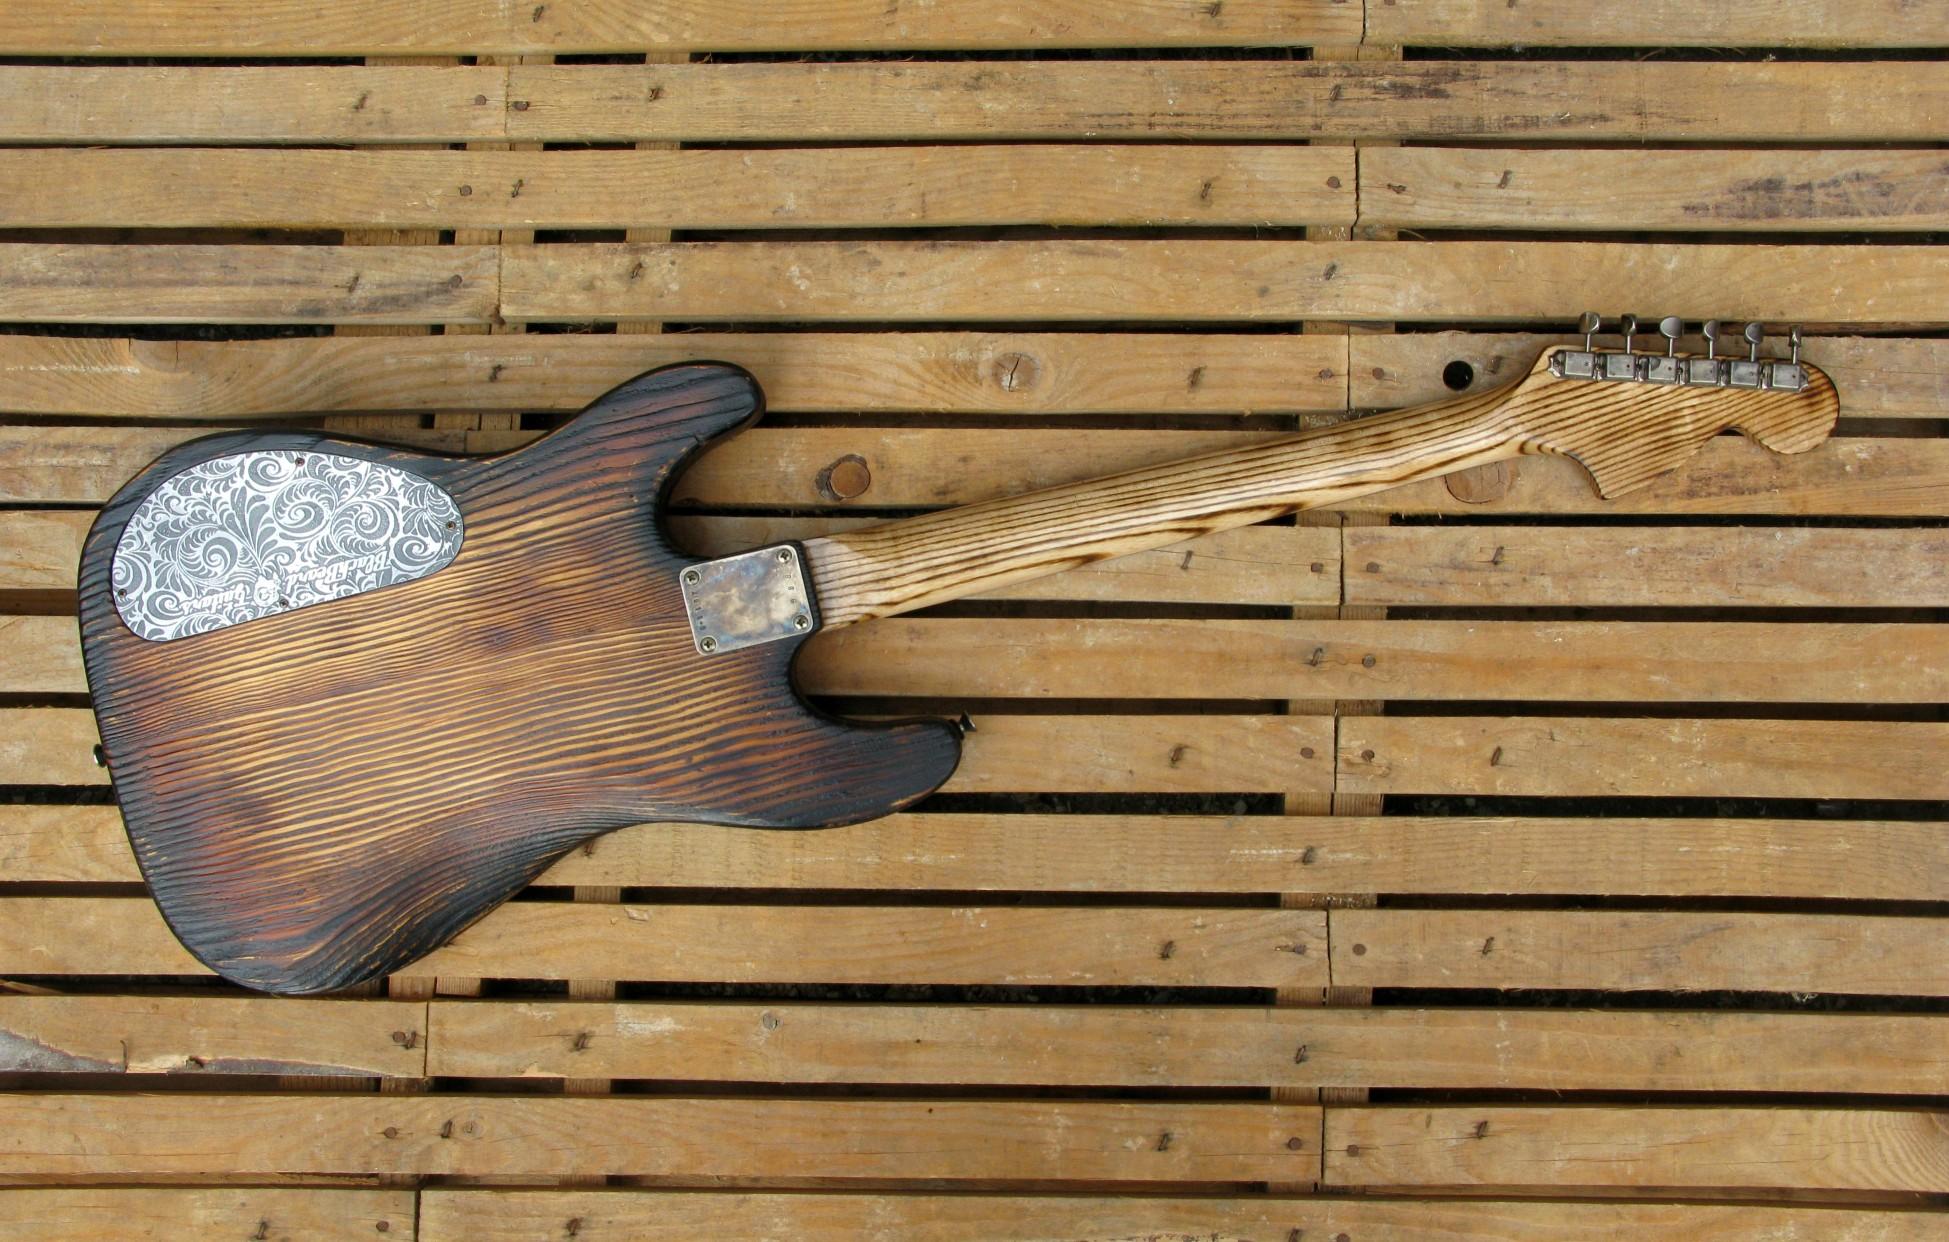 Chitarra modello Stratocaster, body in pino, manico in frassino, reverse: totale retro